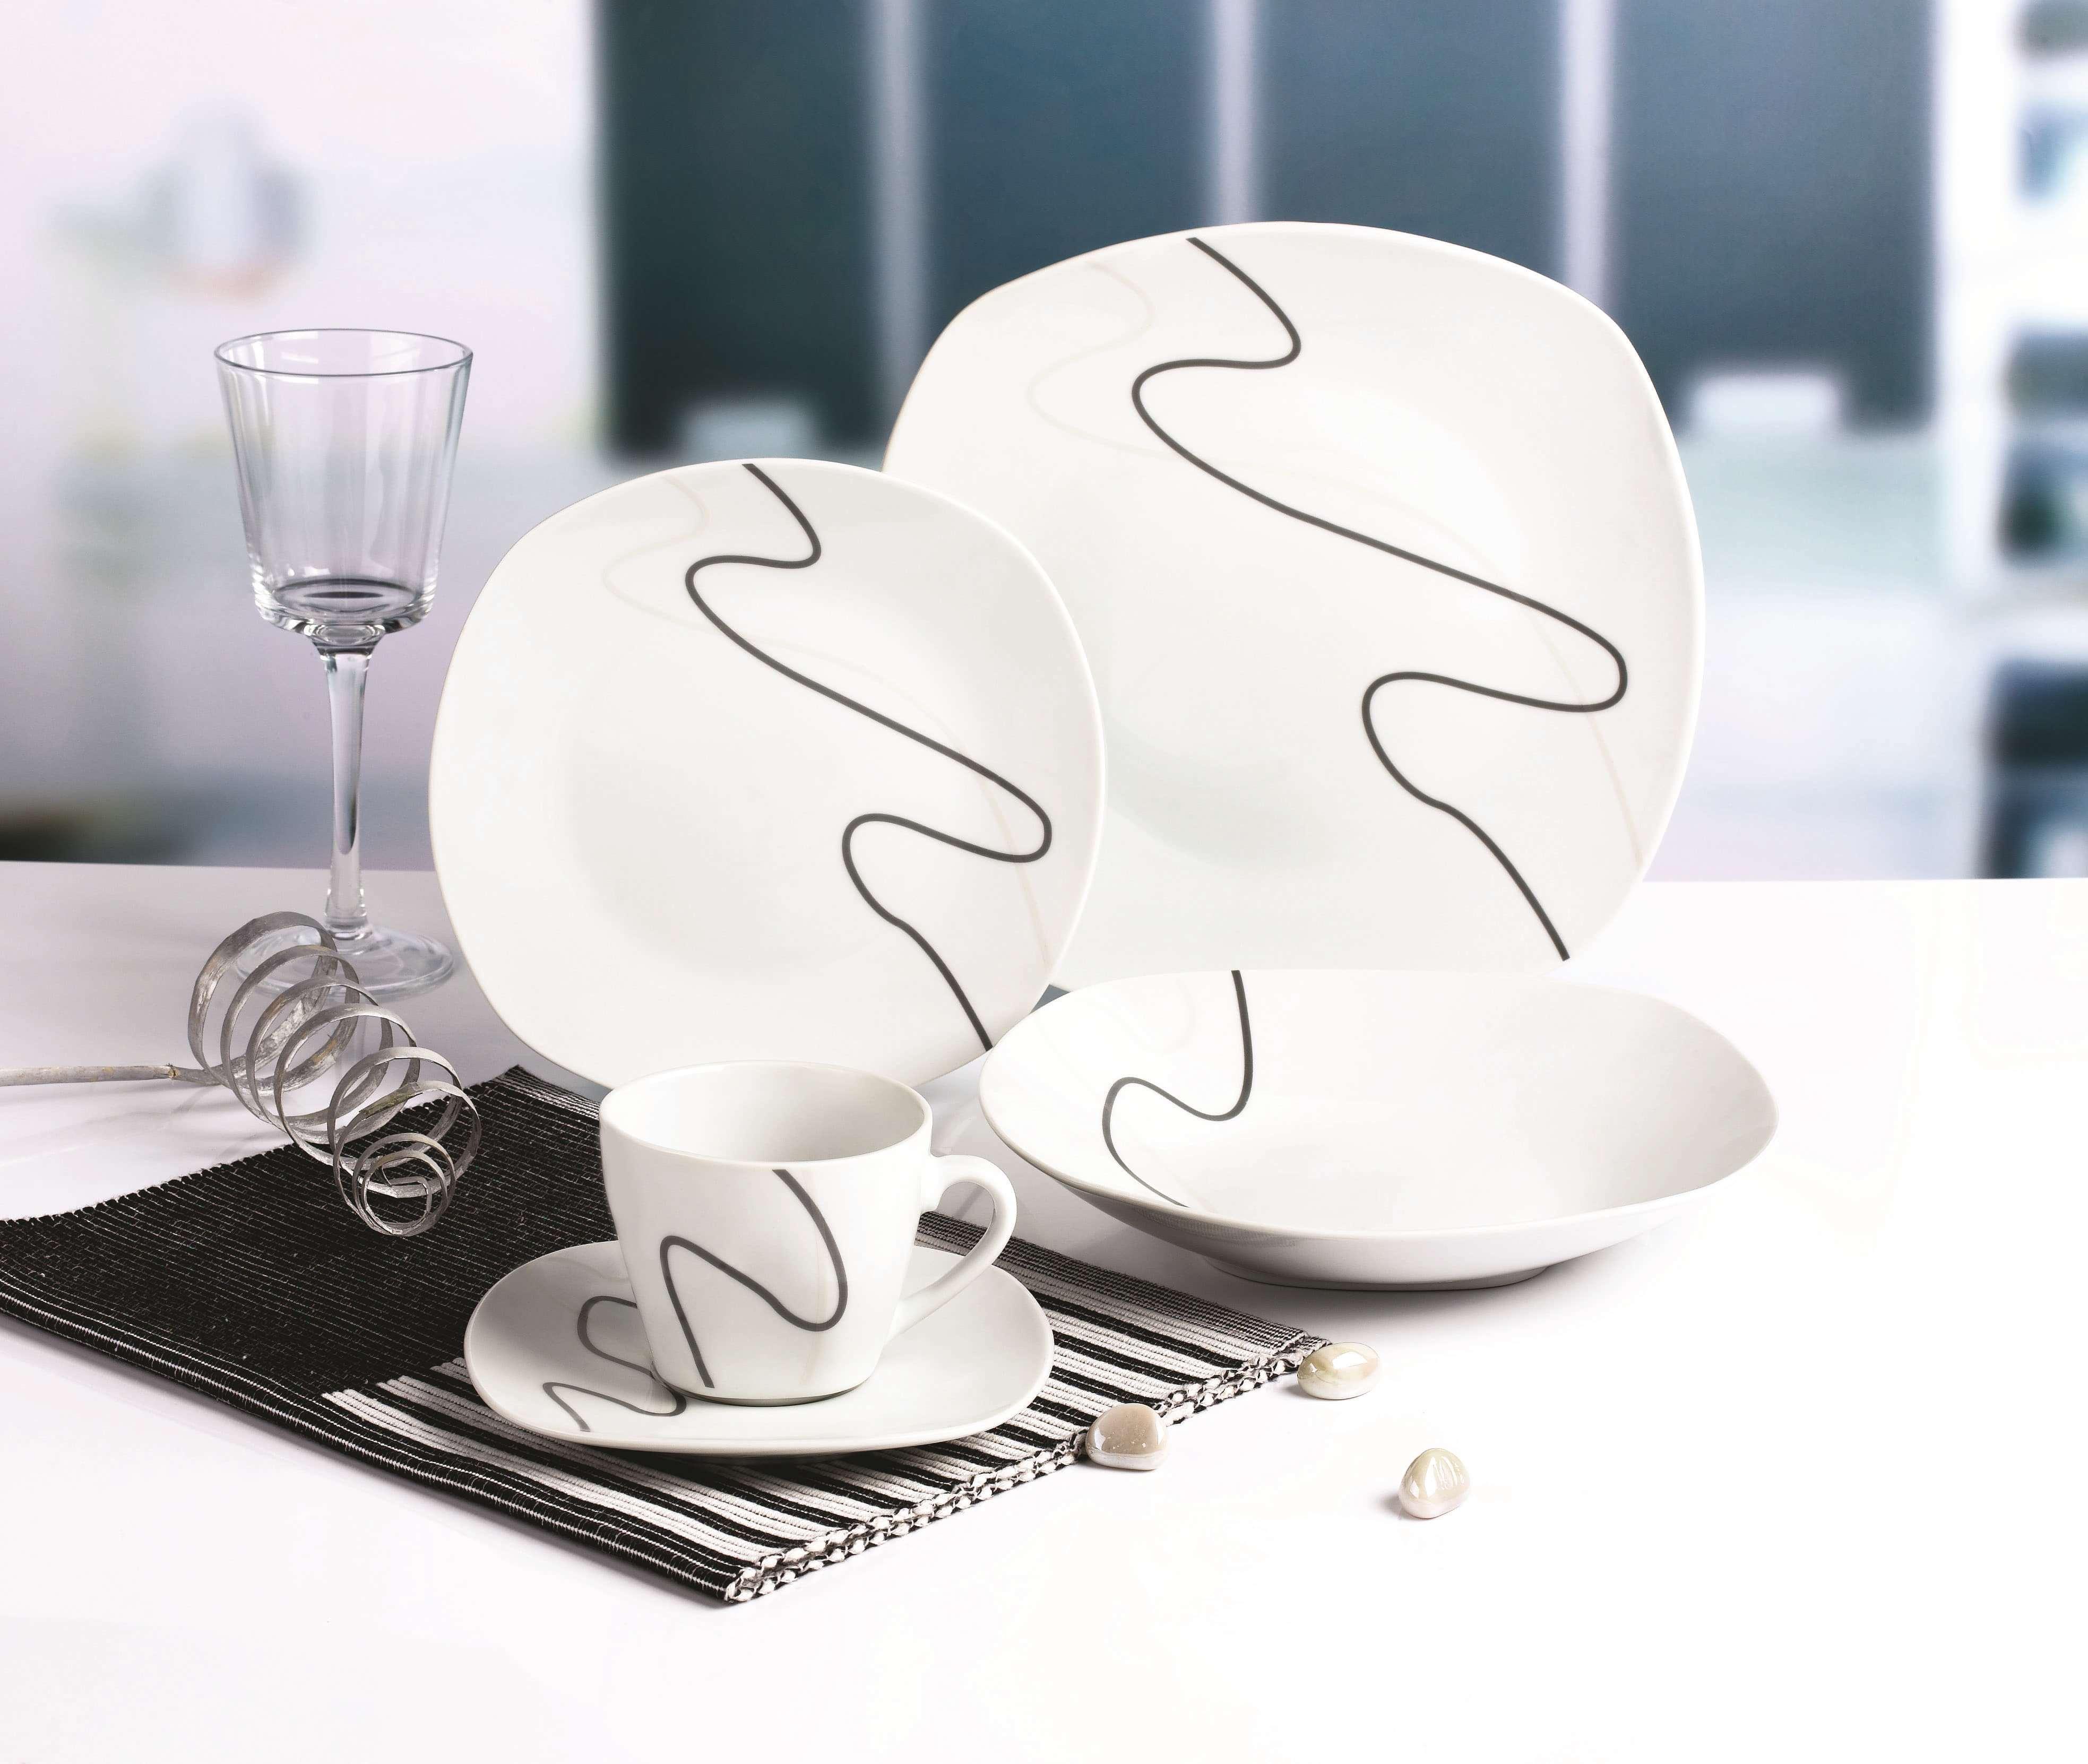 简约线条方型餐具